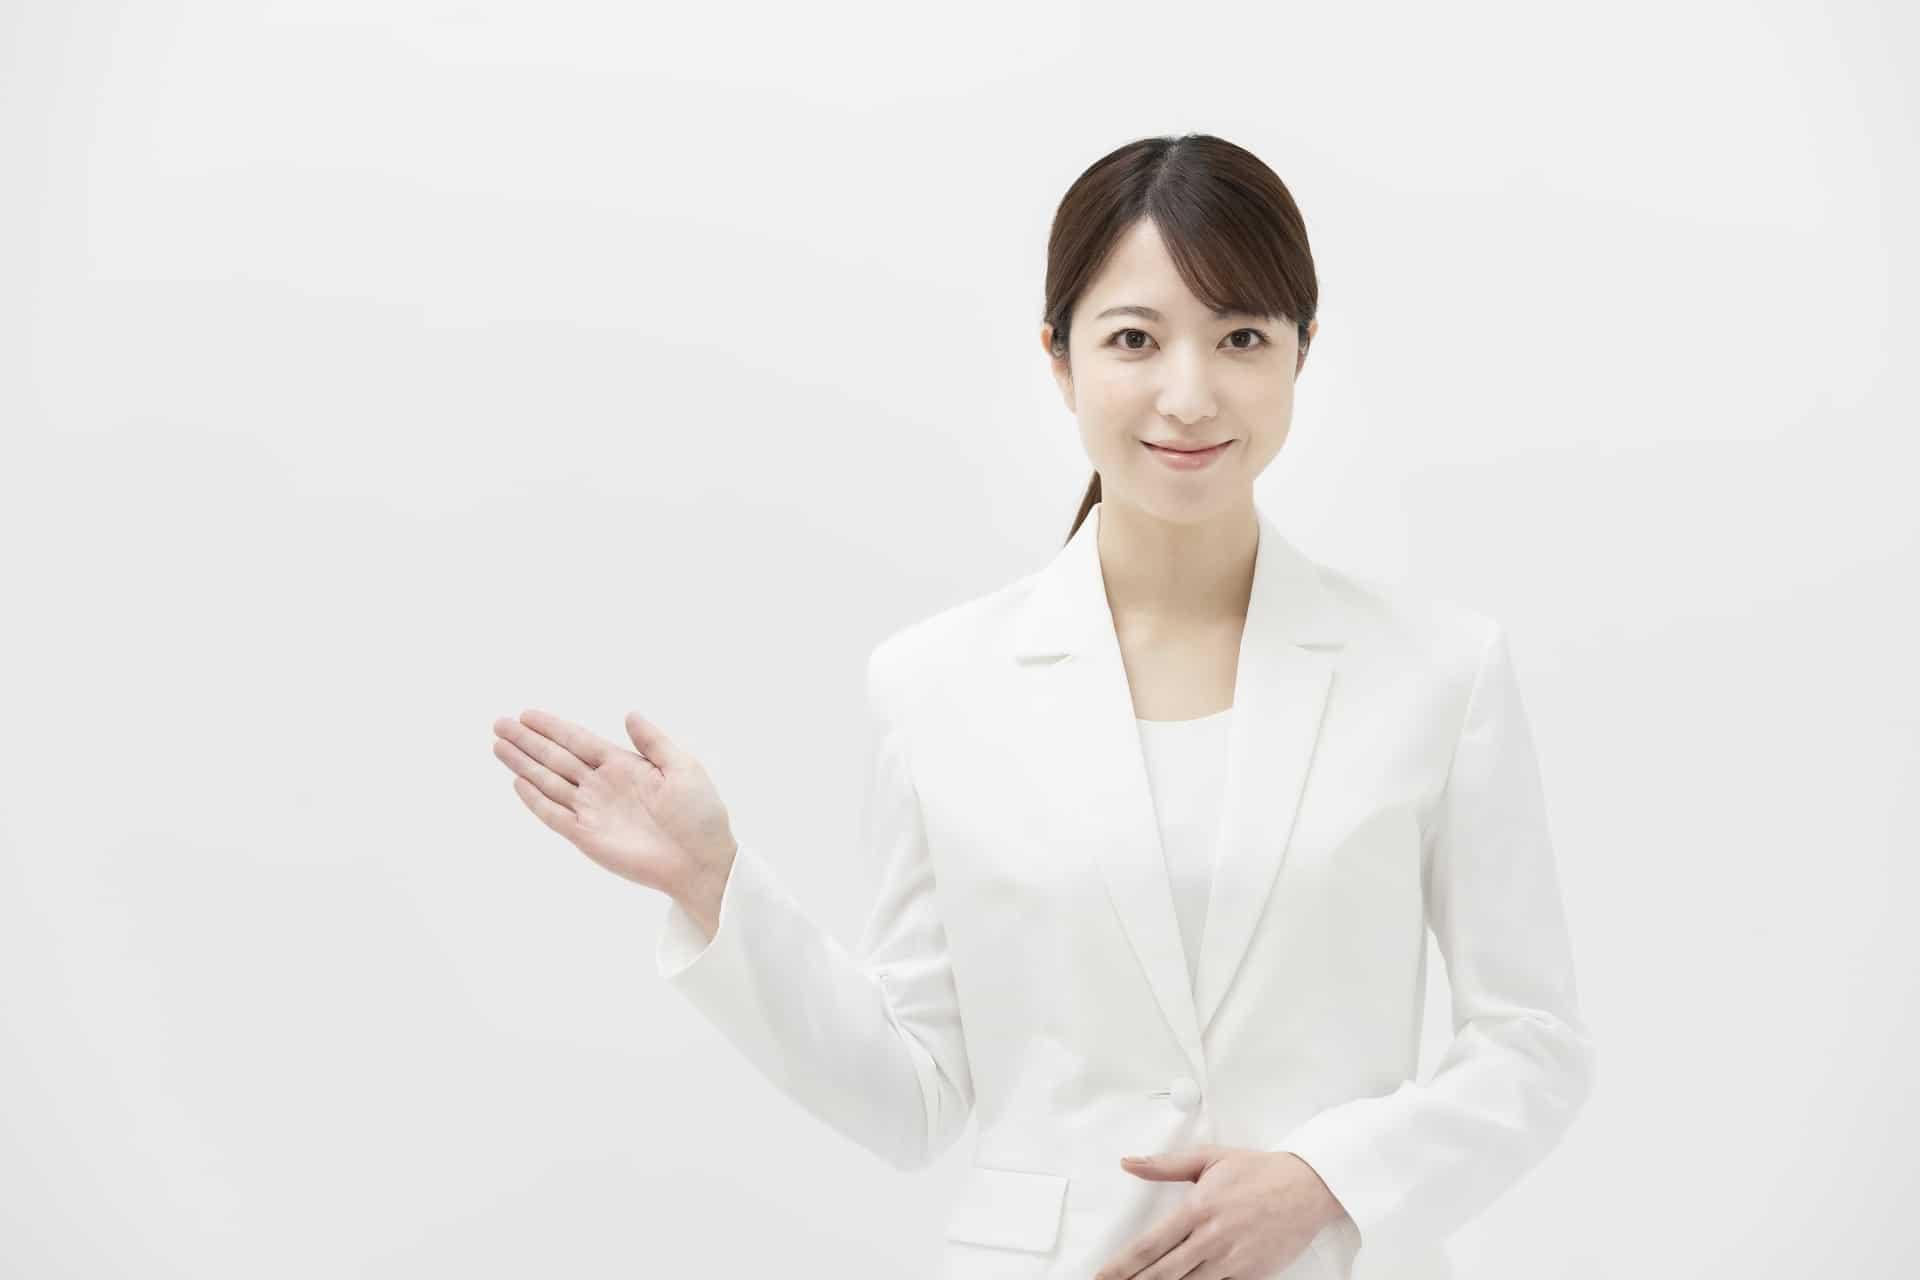 白いスーツを着た女性